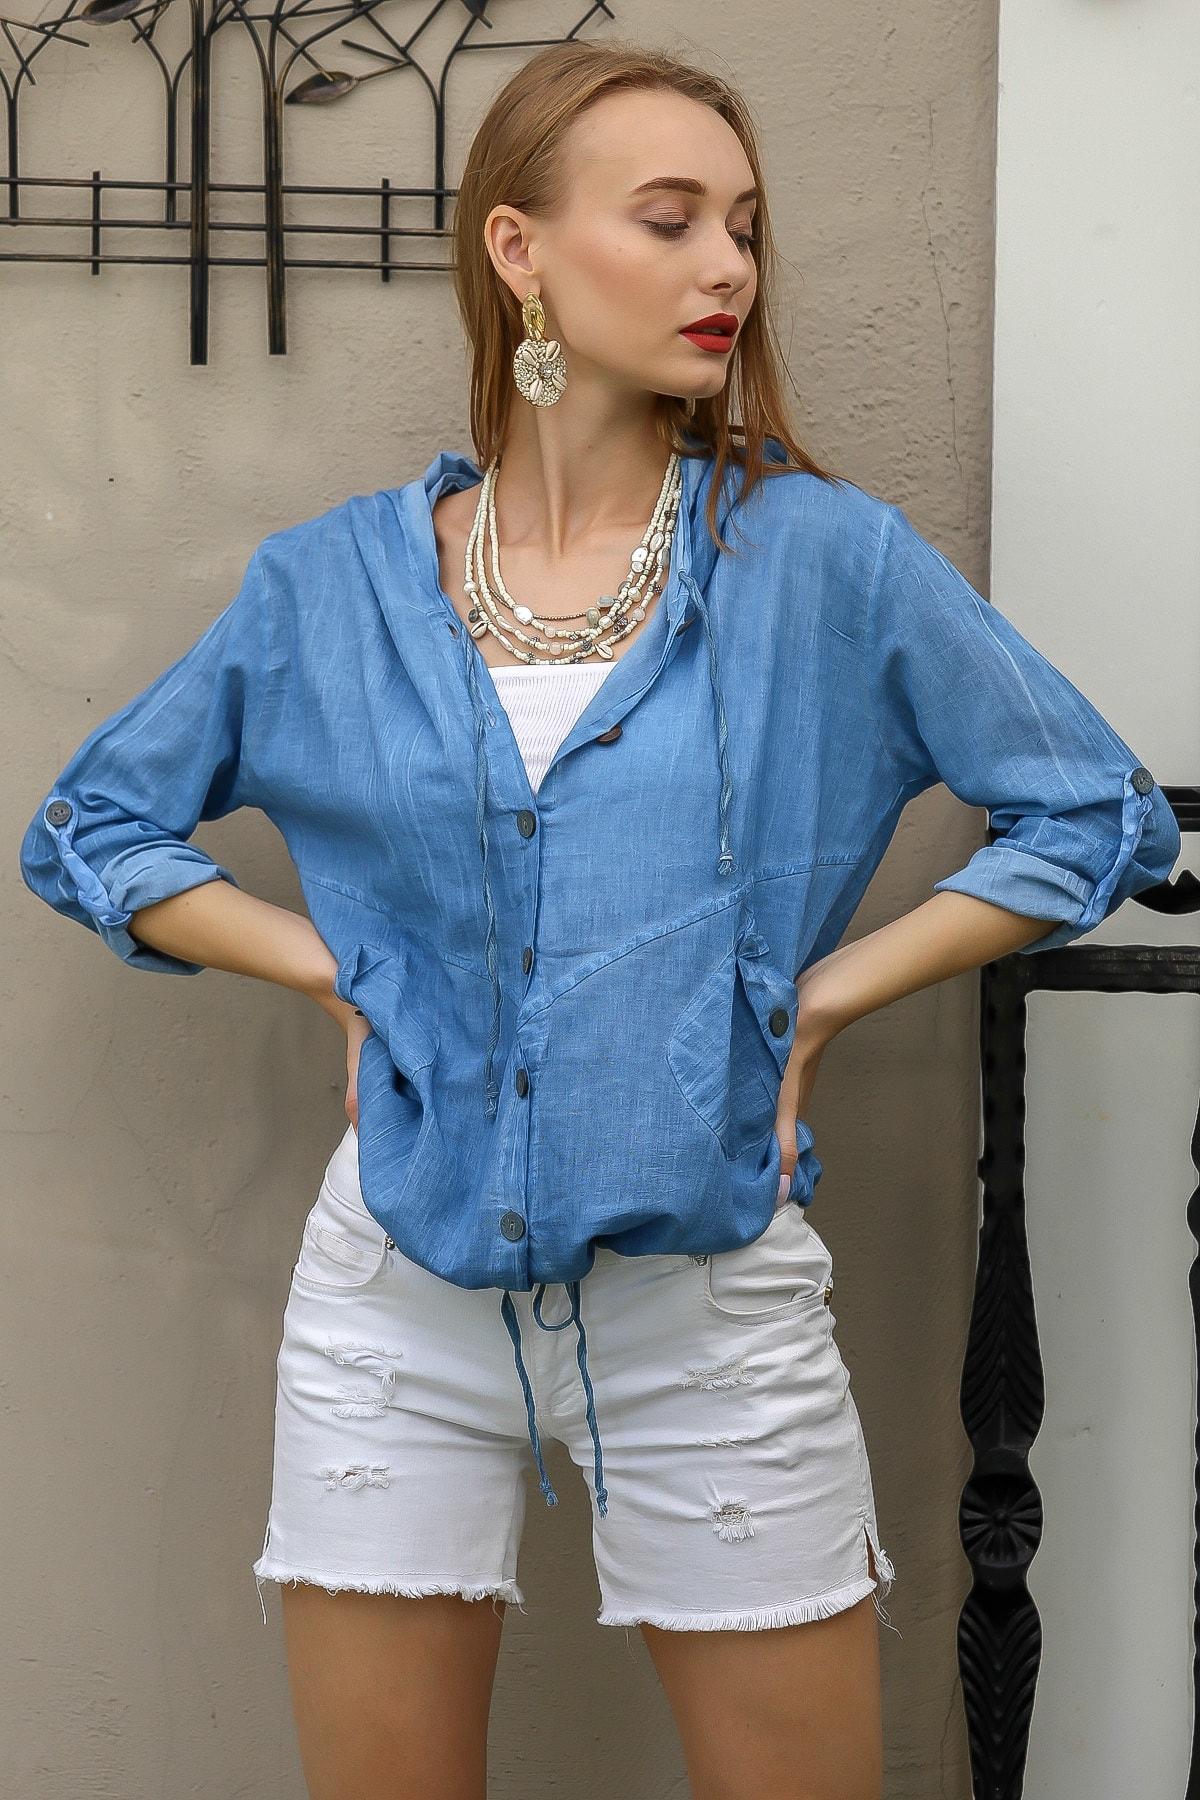 Chiccy Kadın Mavi Casual Kapüşonlu Düğmeli Beli Ip Detaylı Büzgülü Yıkmalı Ceket M10210100Ce99339